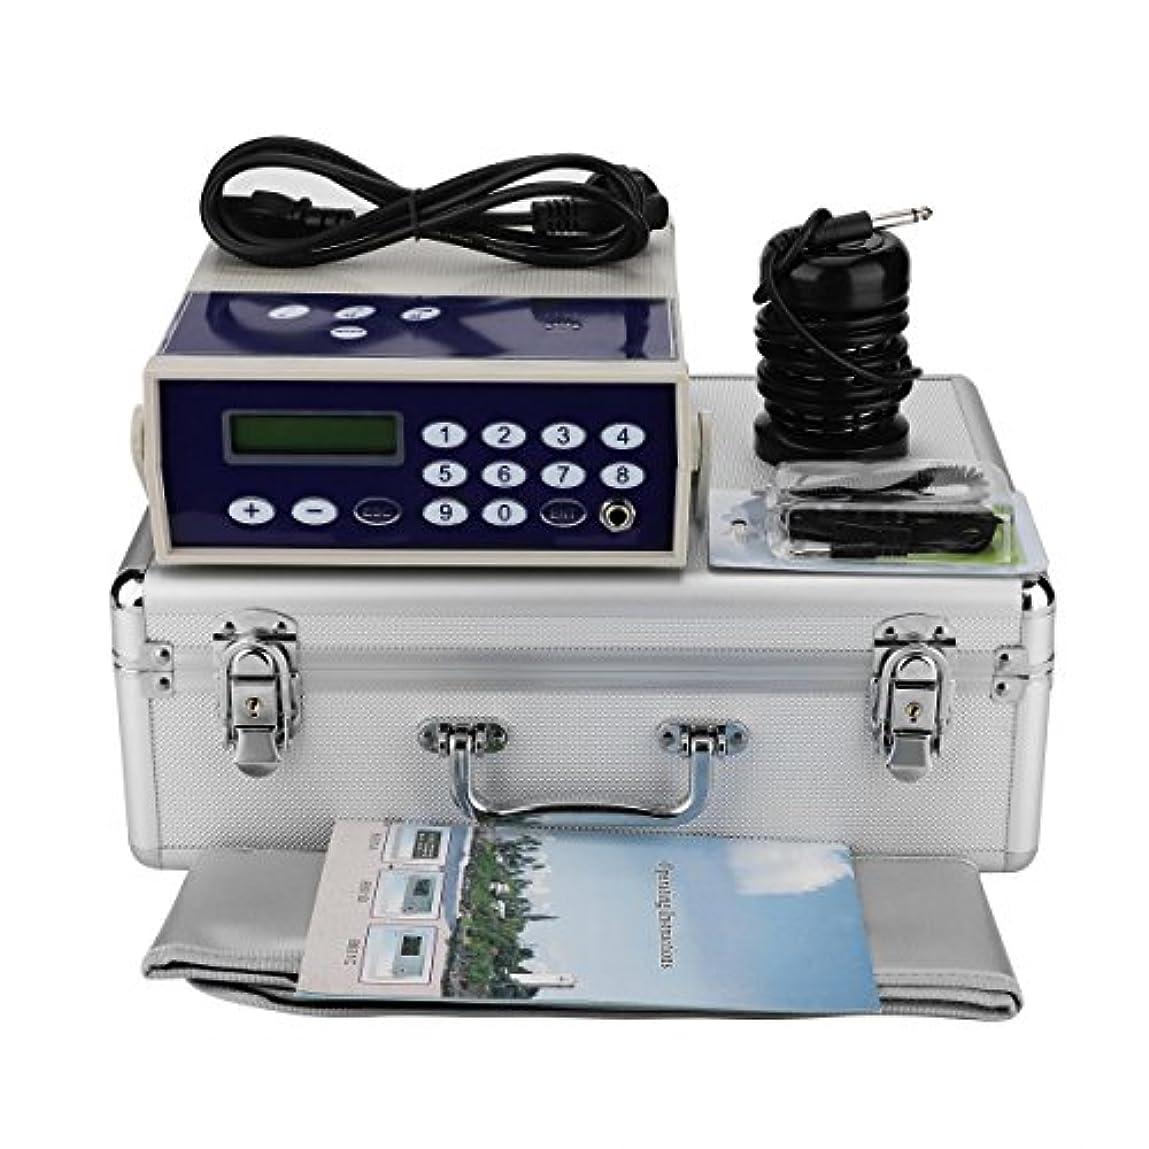 ひねくれた温度クラスボディデトックスマシン、フットバススパクレンジングマシン遠赤外線治療ベルト(US Plug)